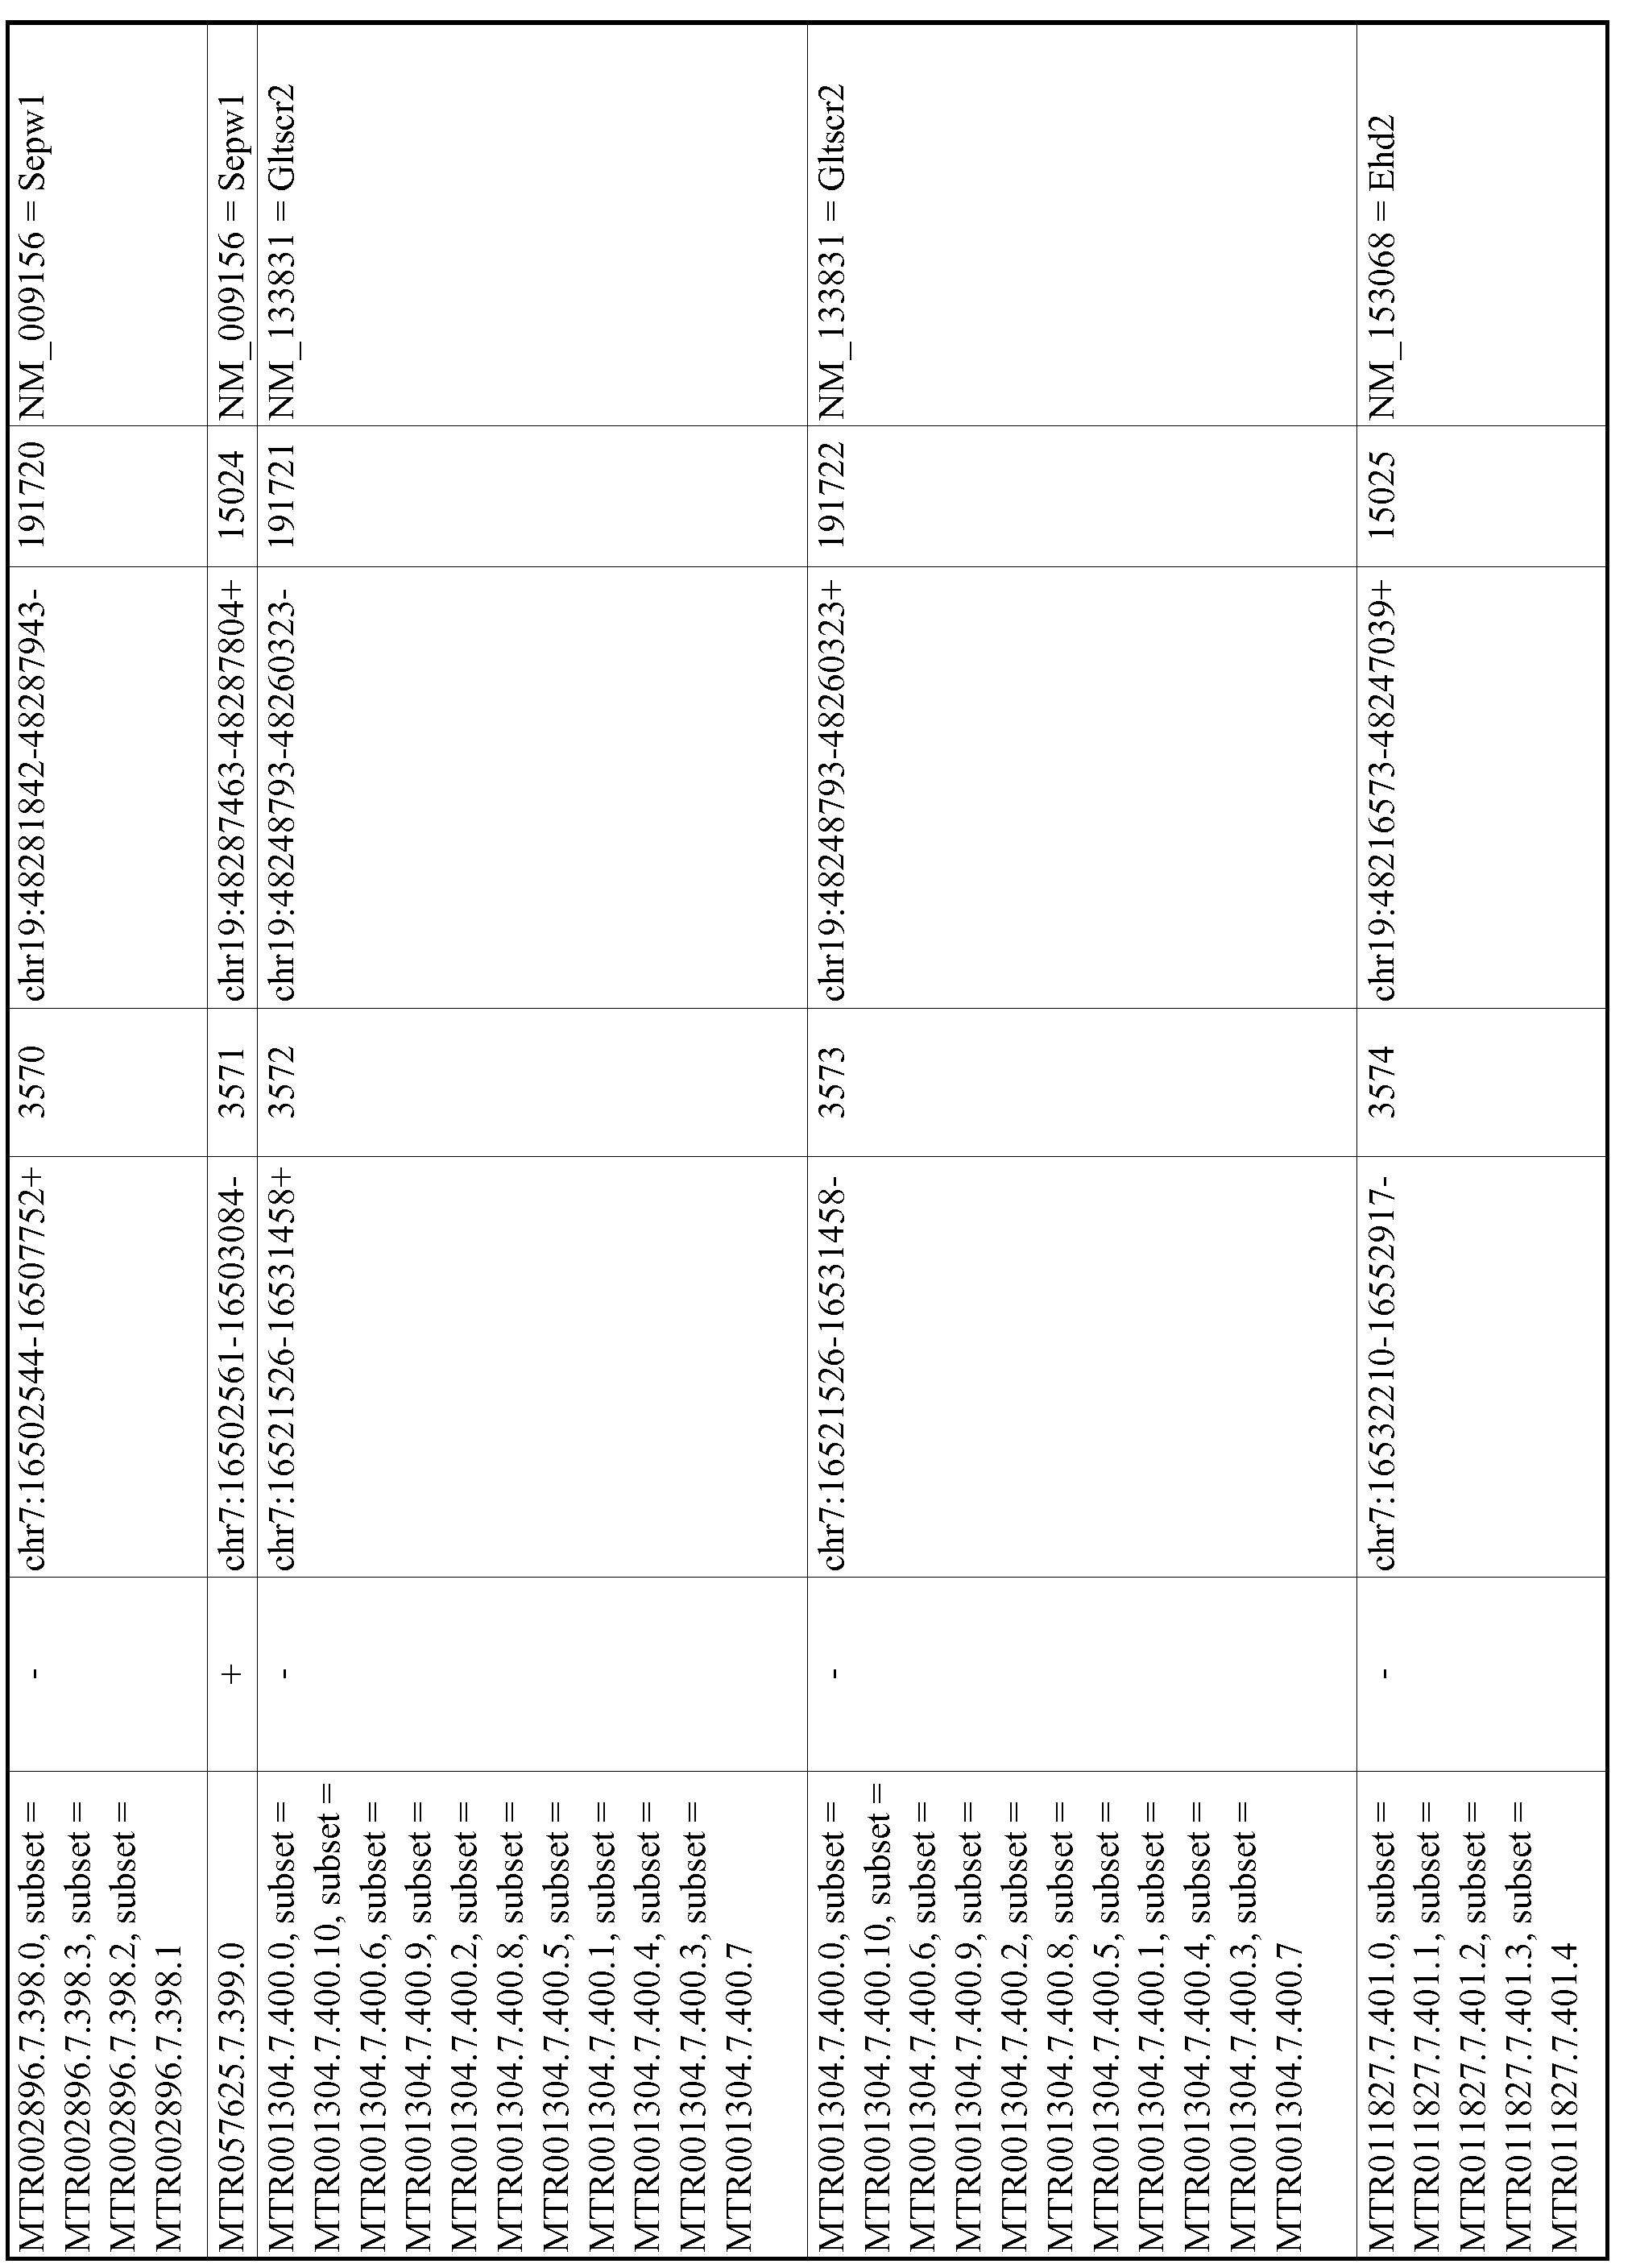 Figure imgf000695_0001